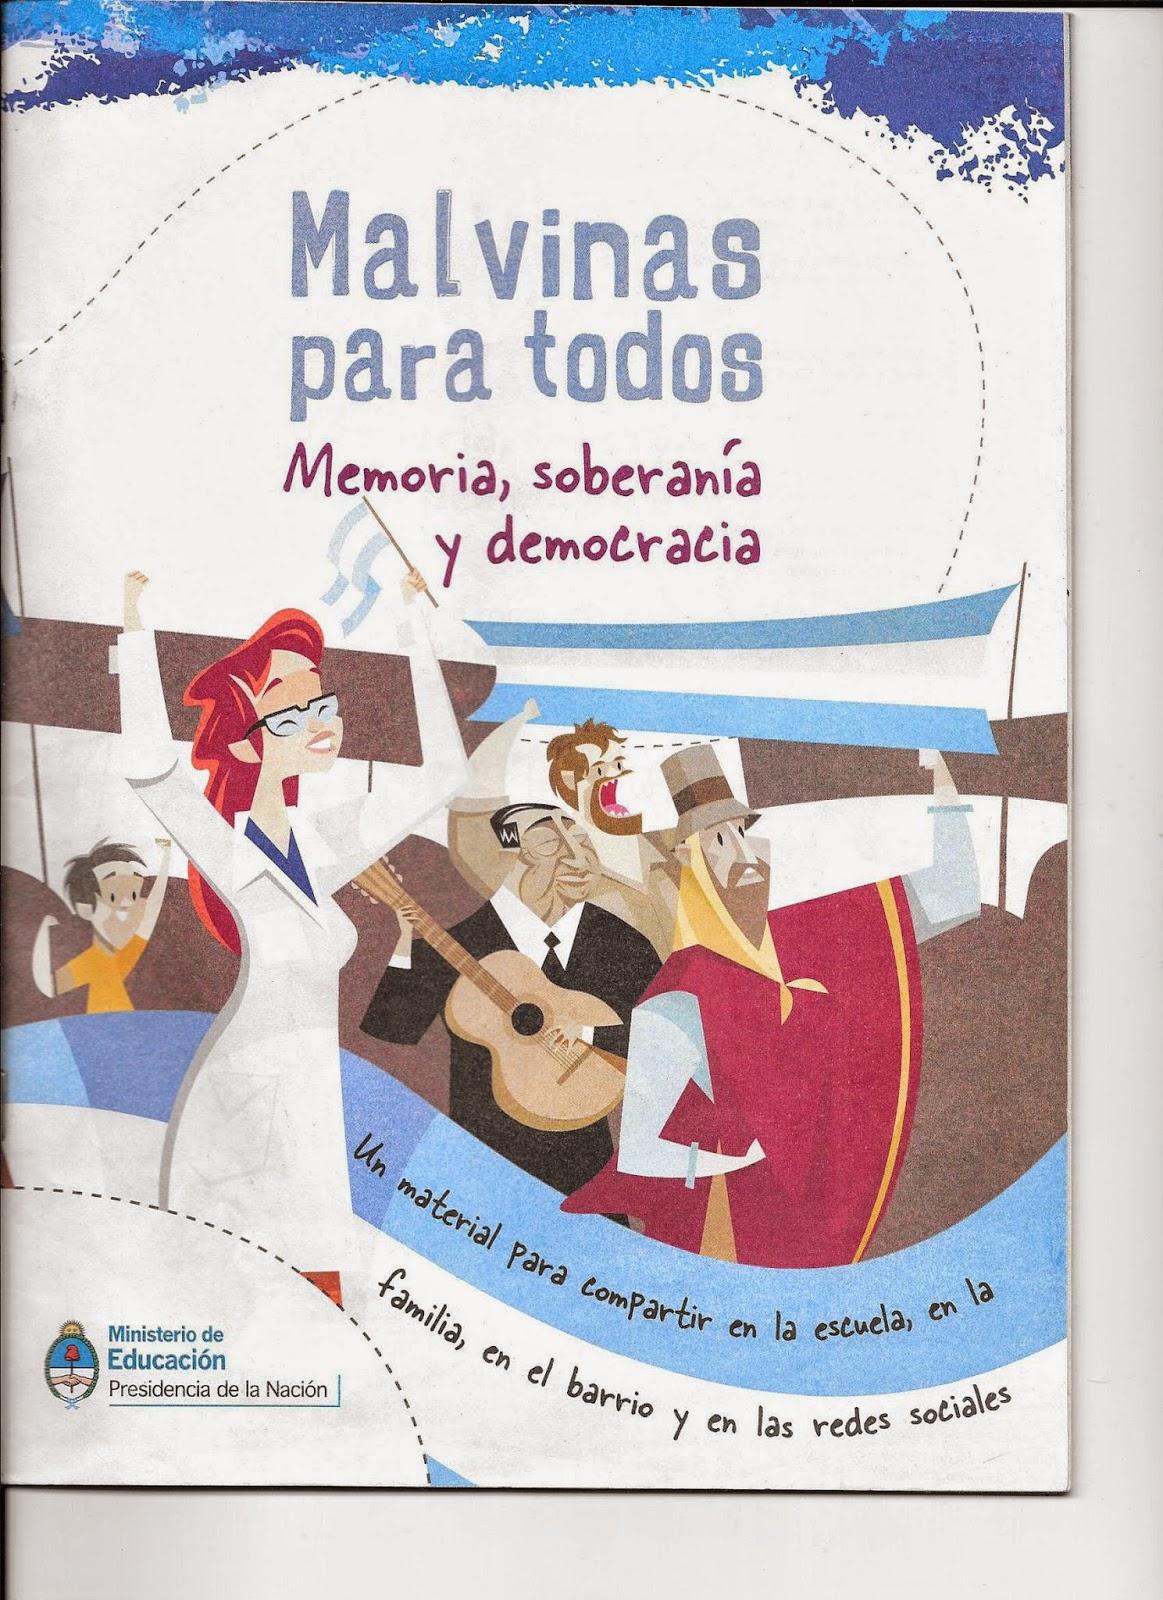 Malvinas para todos: memoria, soberanía y democracia.